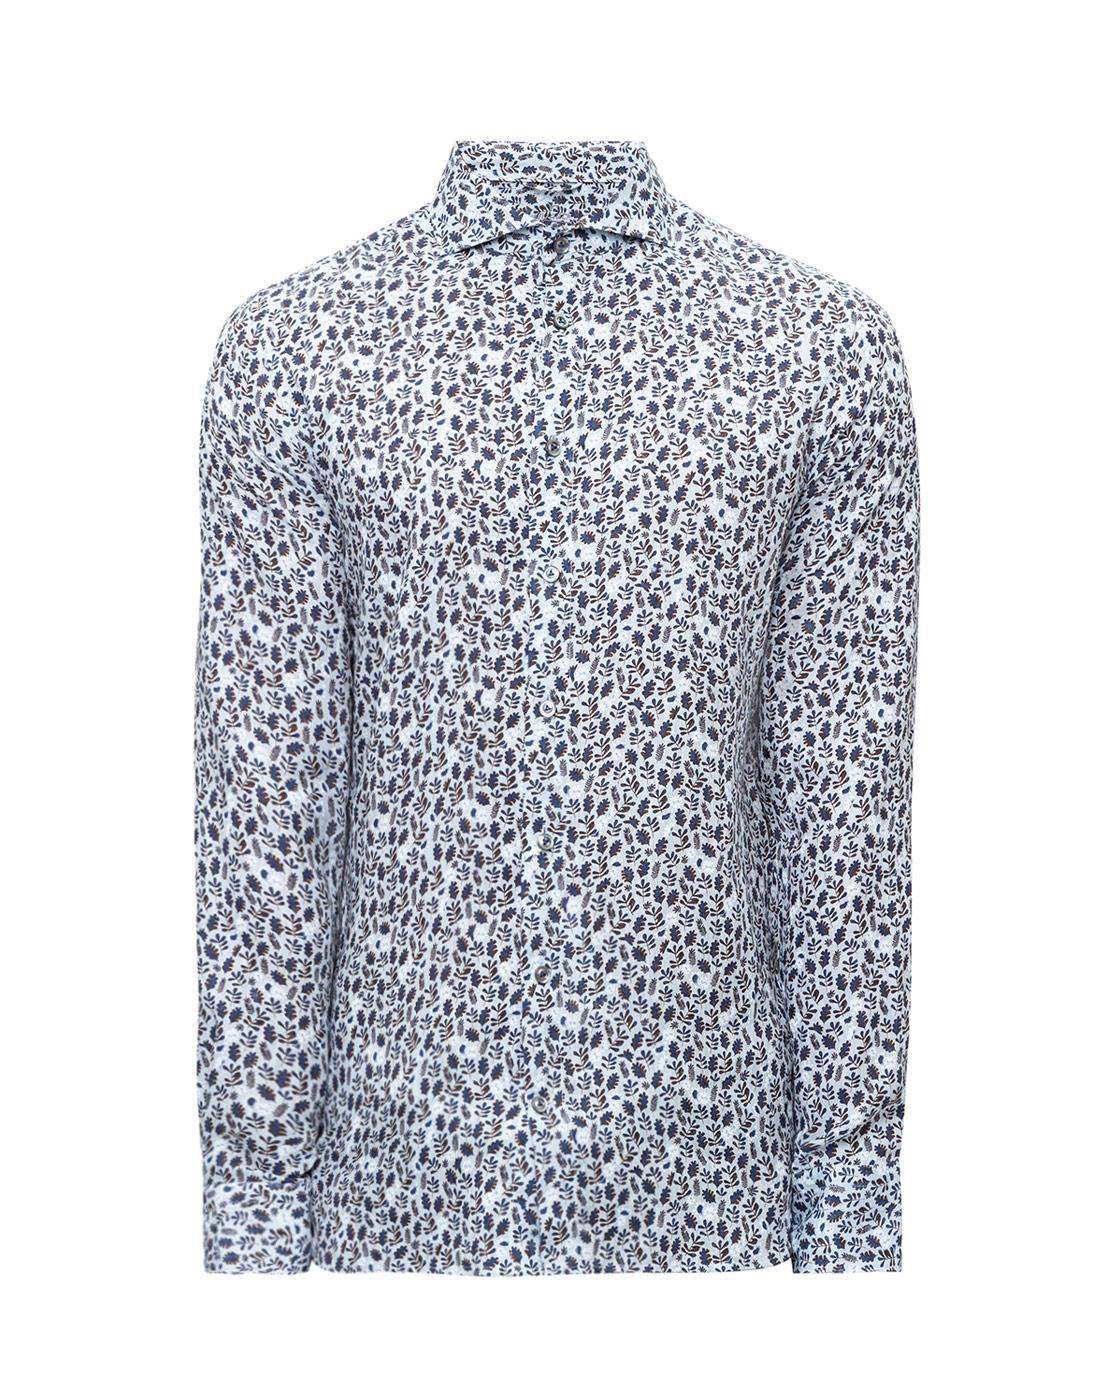 Мужская голубая льняная рубашка с принтом Van Laack S170066/727-1